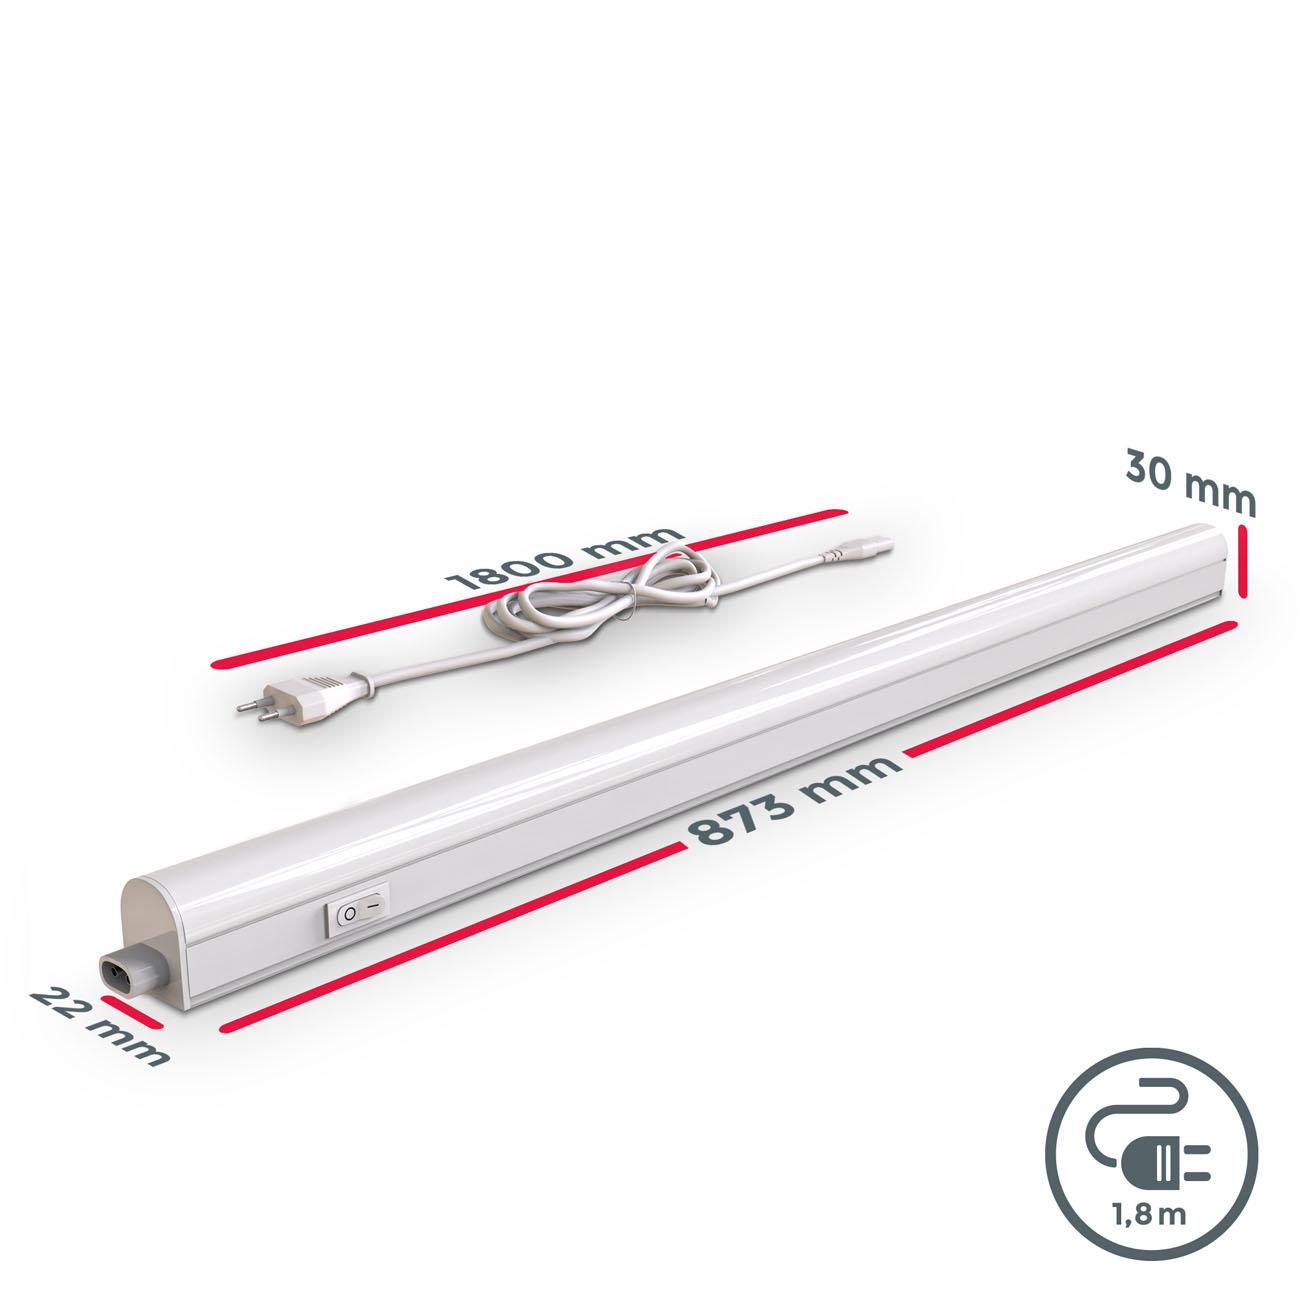 LED Unterbauleuchte mit Verbindungskabel weiß L - 7